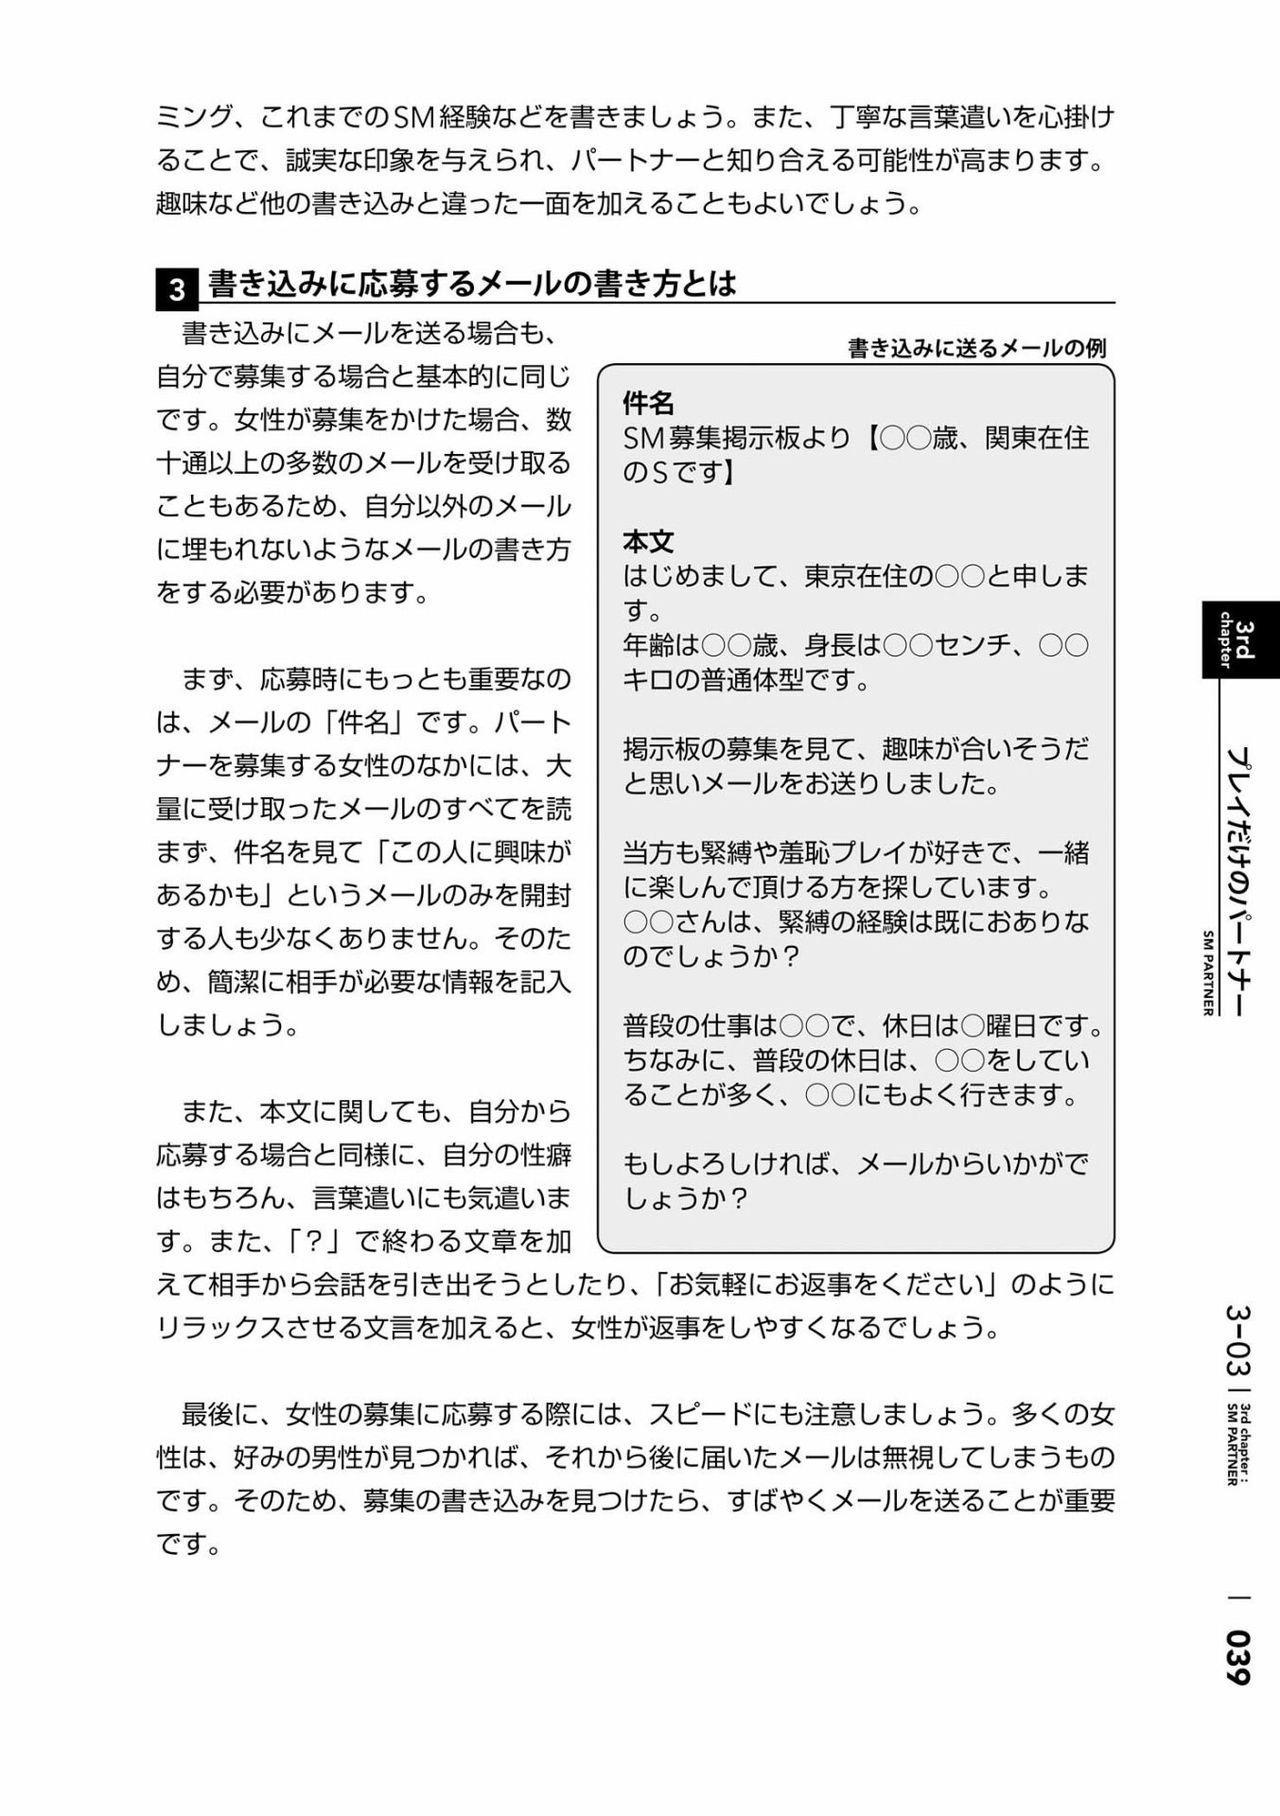 [Mitsuba] Karada mo Kokoro mo Boku no Mono ~Hajimete no SM Guide~ 2 [Digital] 41